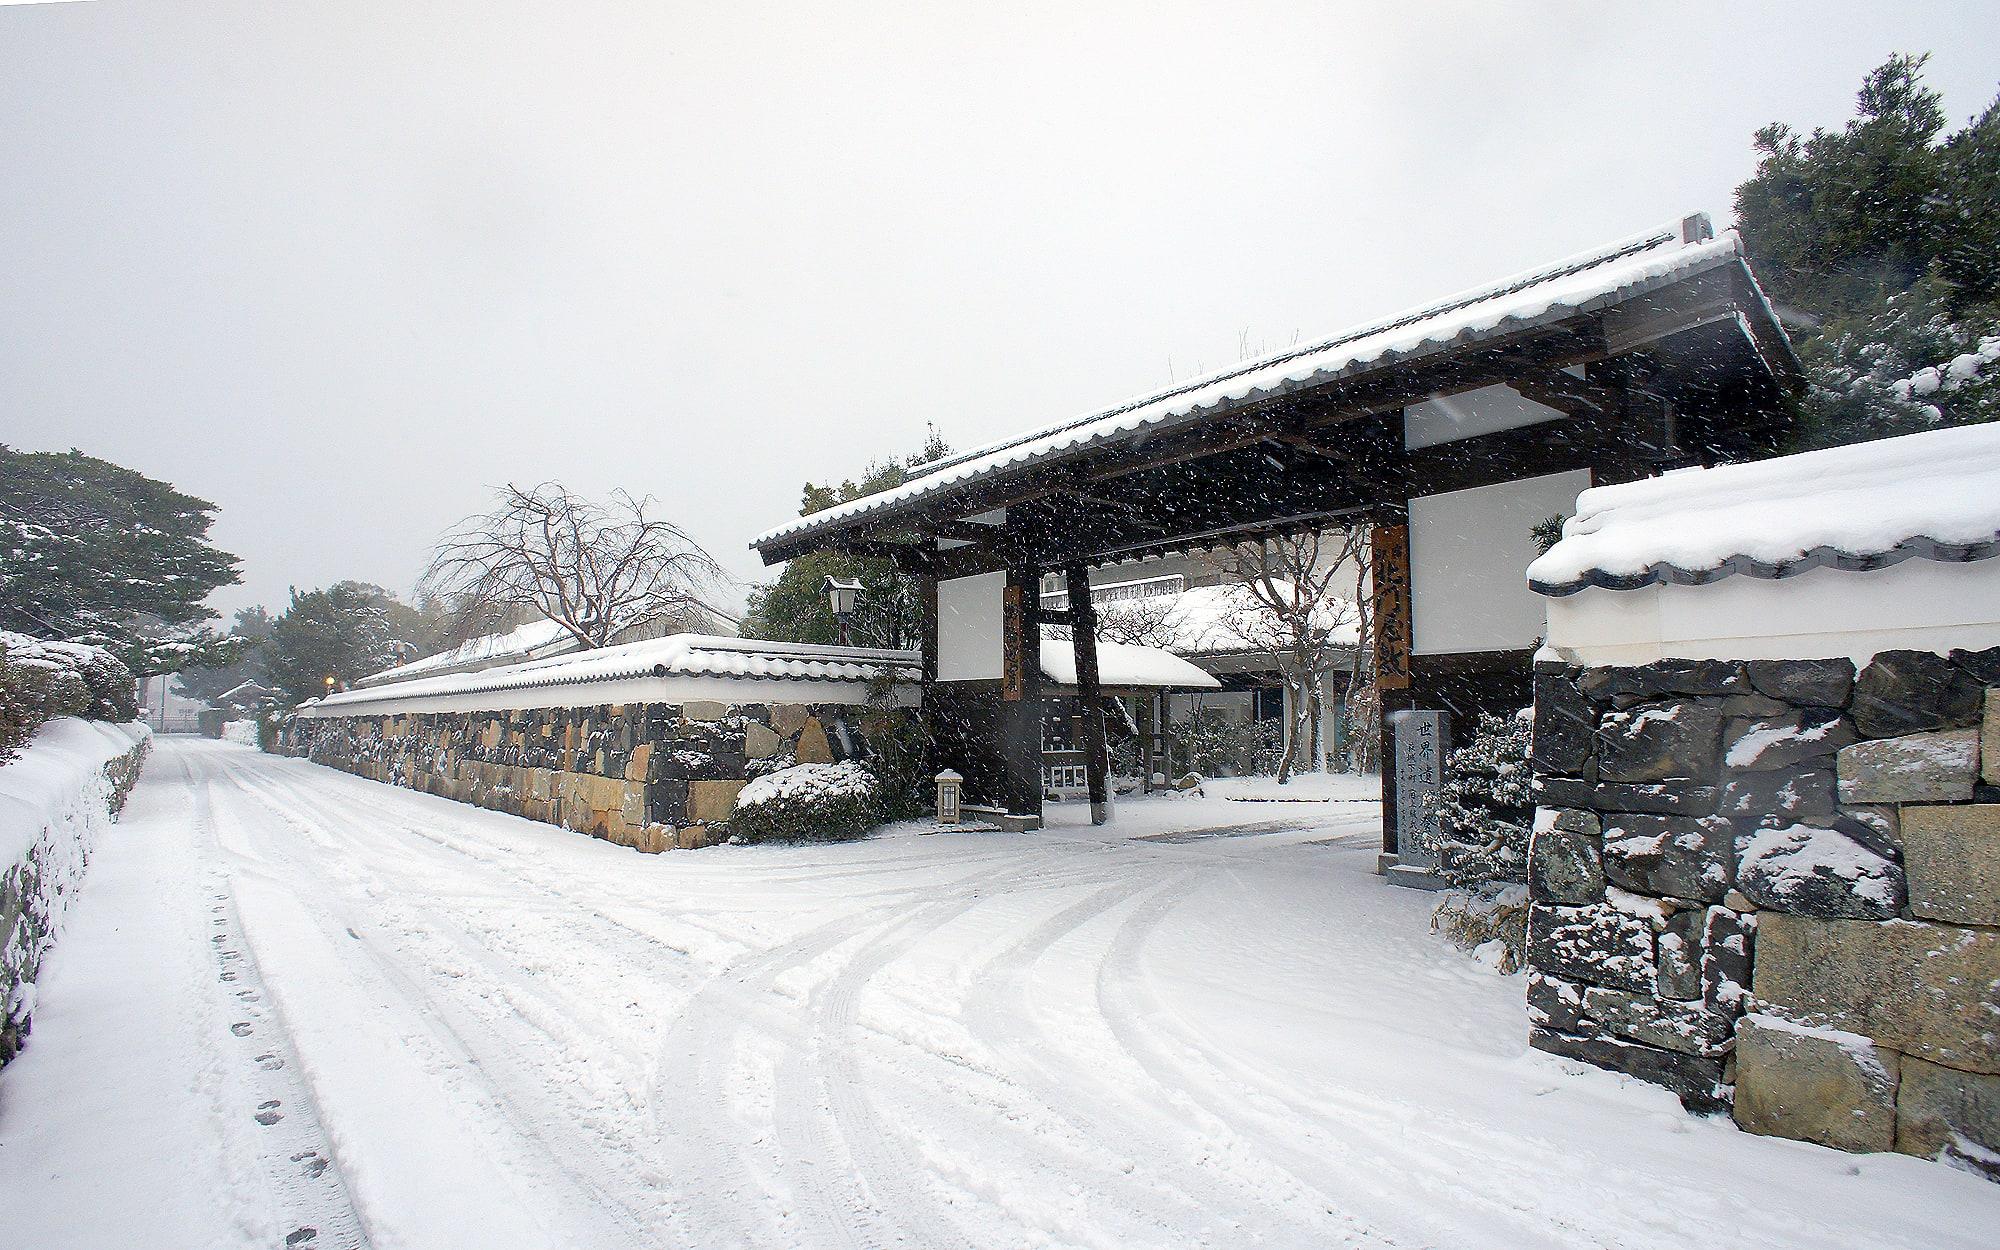 雪正門 - 山口県 萩市|世界遺産[萩城下町]唯一の旅館 萩城三の丸 北門屋敷